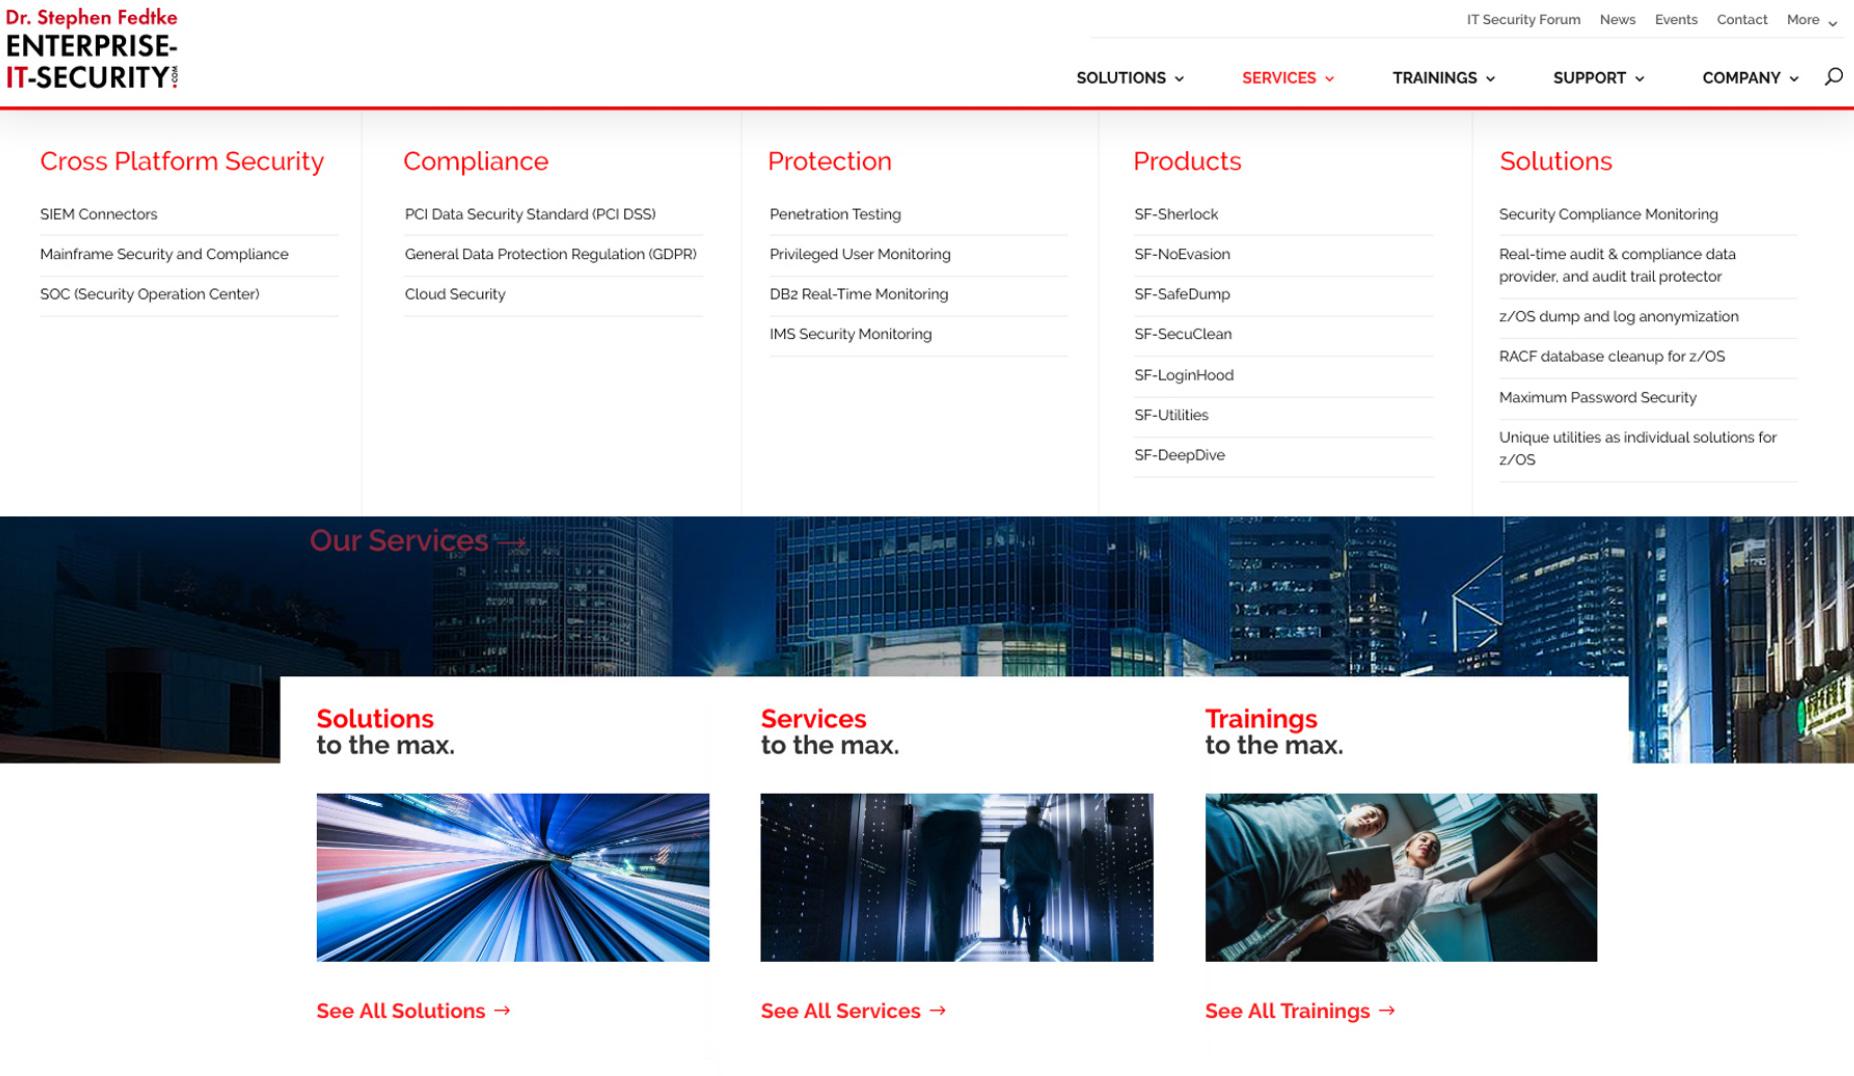 IT Security - Portfolio Image3